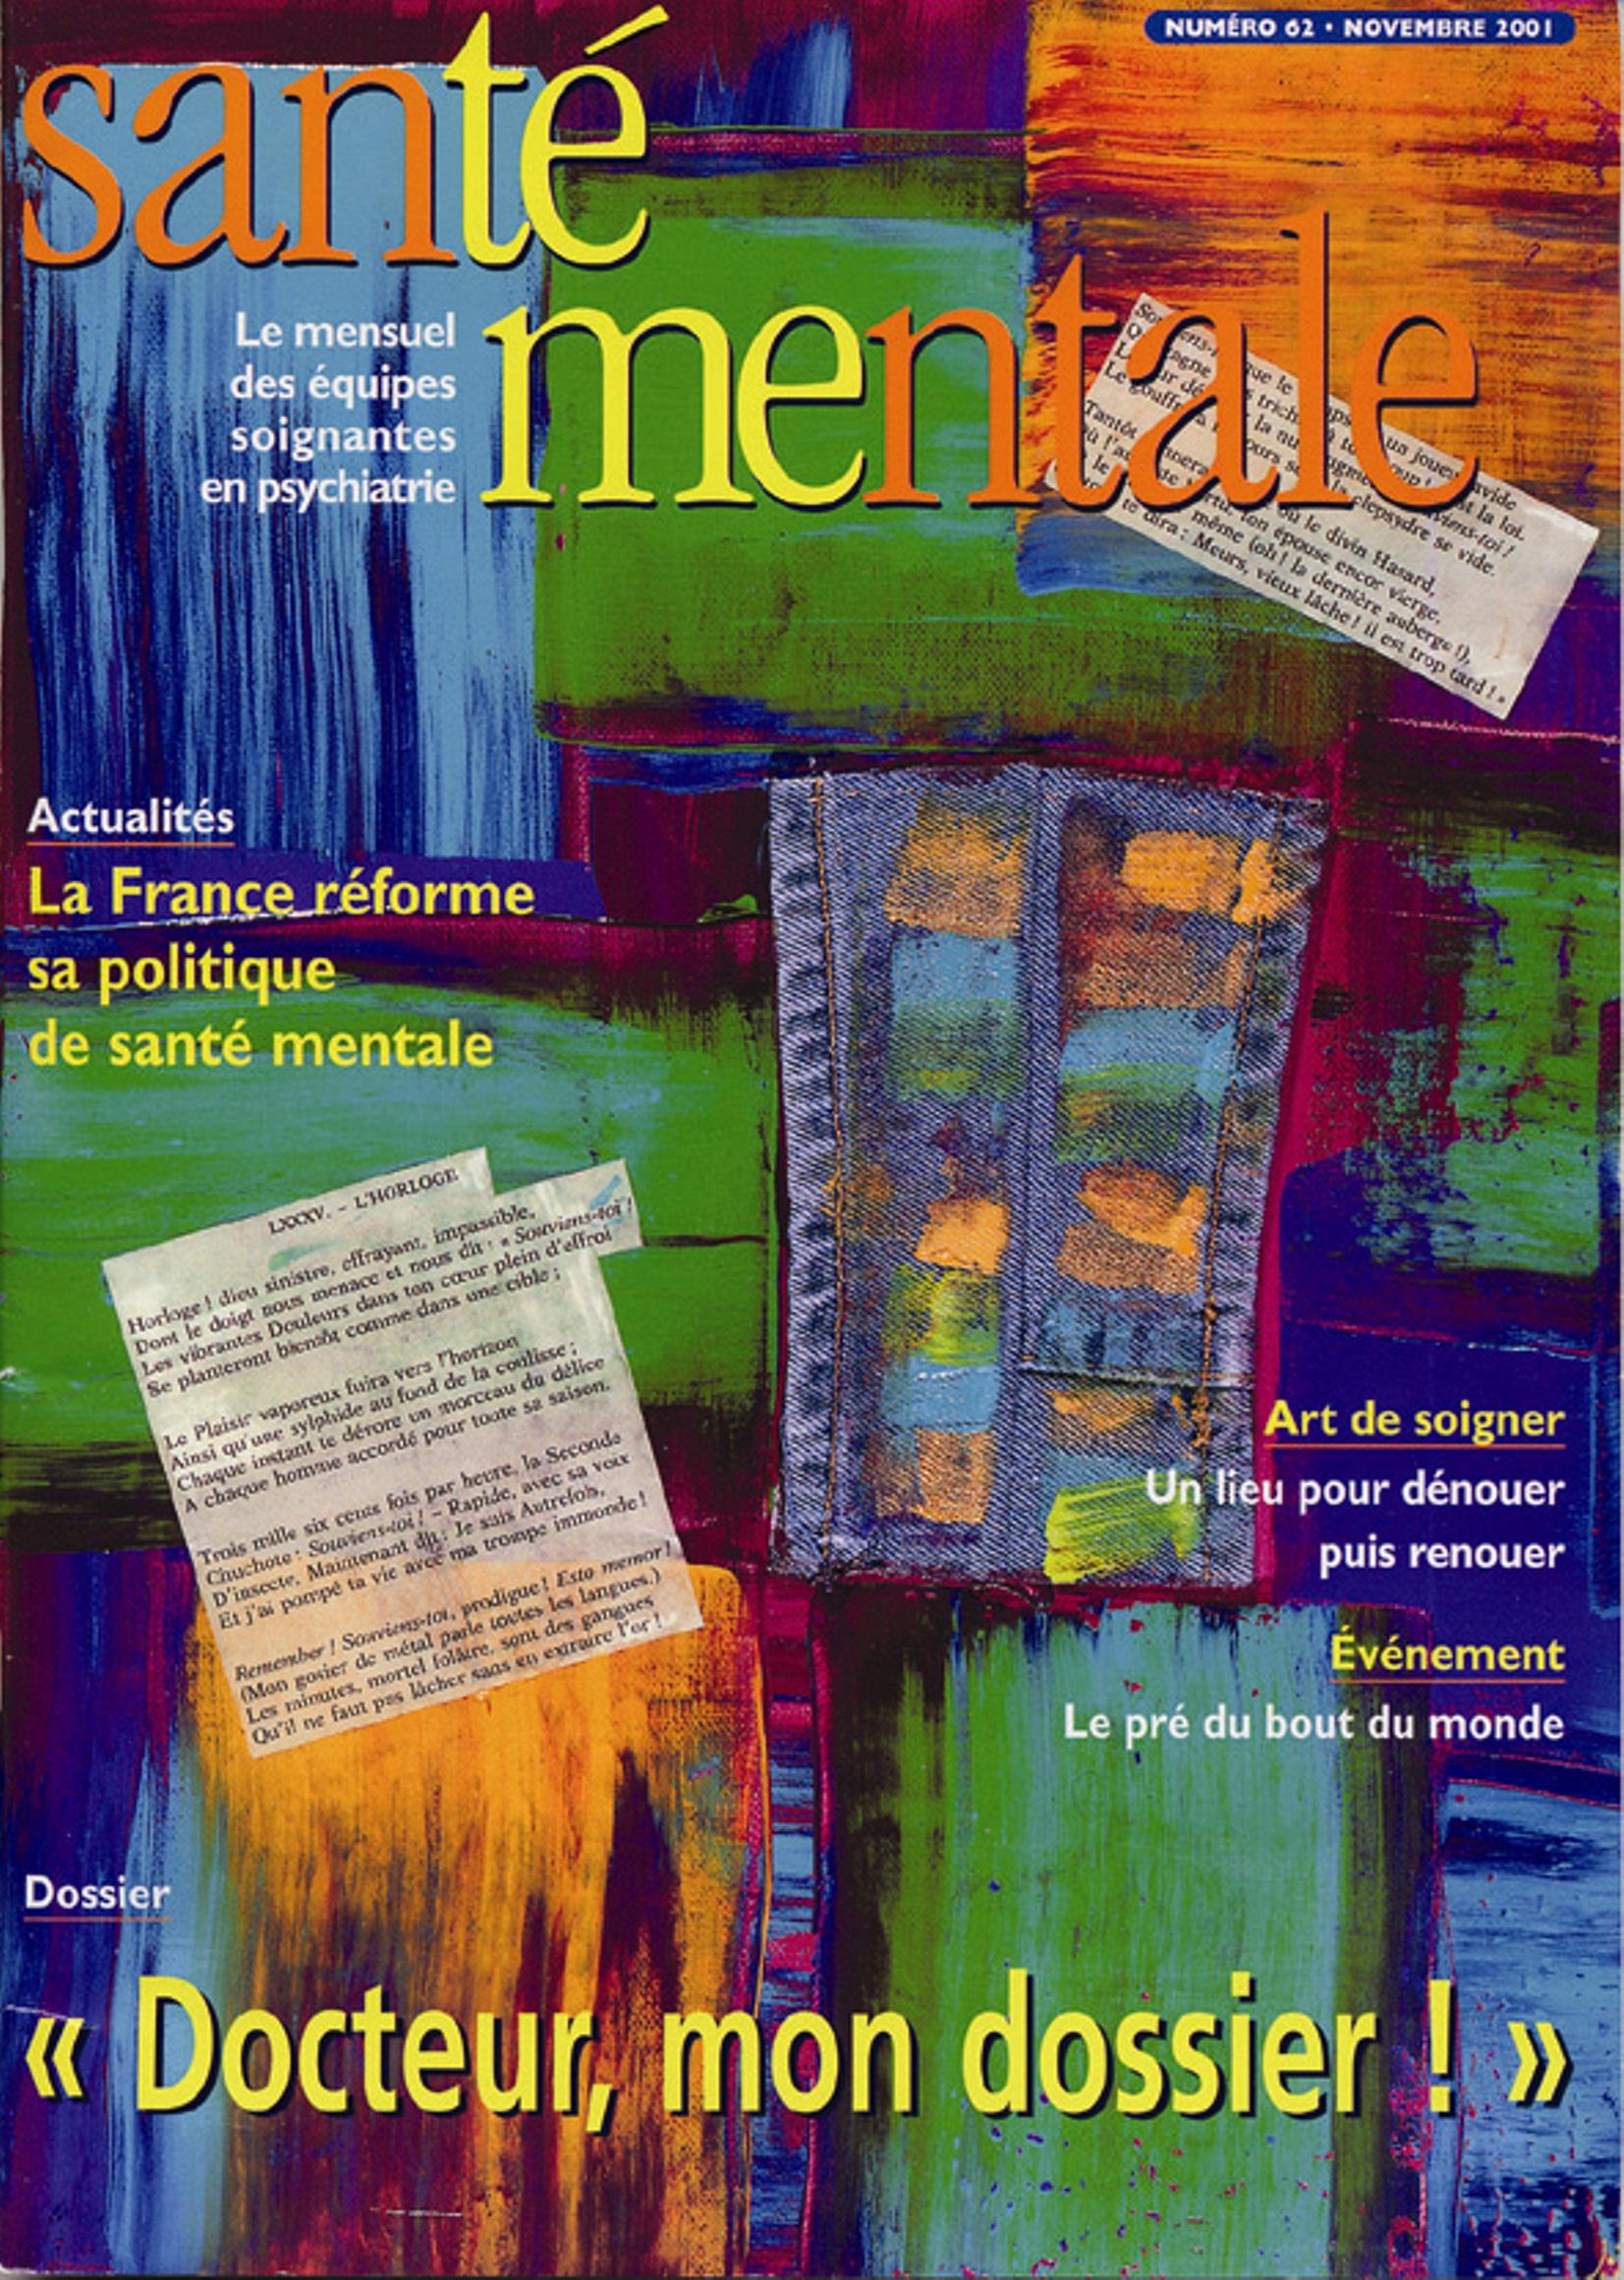 Couverture N°62 novembre 2001